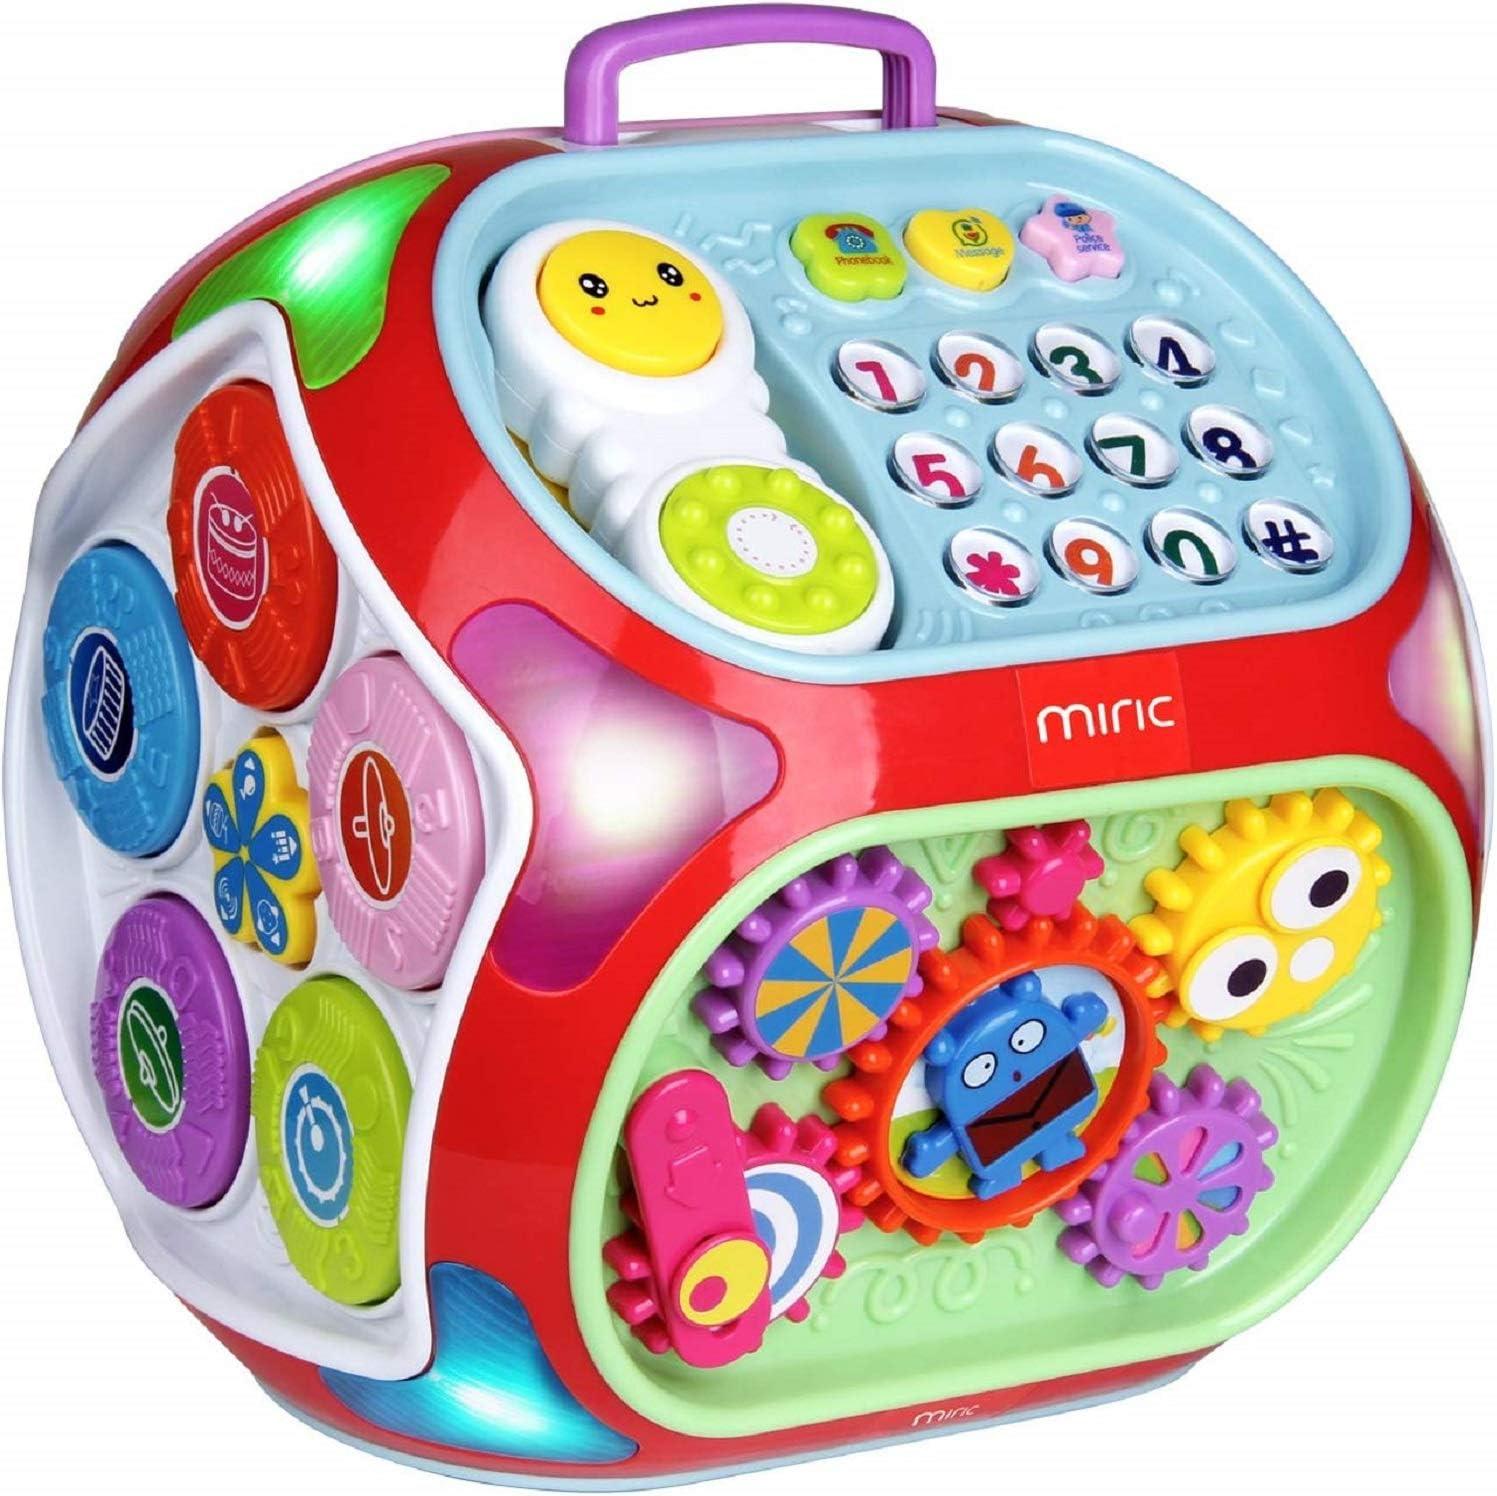 Miric - 7 en 1 Música Cubo de Actividades Juguetes Bebes 1 Año con Sonido, Dados de Aprendizaje de Rompecabezas, Juguetes Educativos de Aprendizaje Electrónico Regalo para Bebés Niños